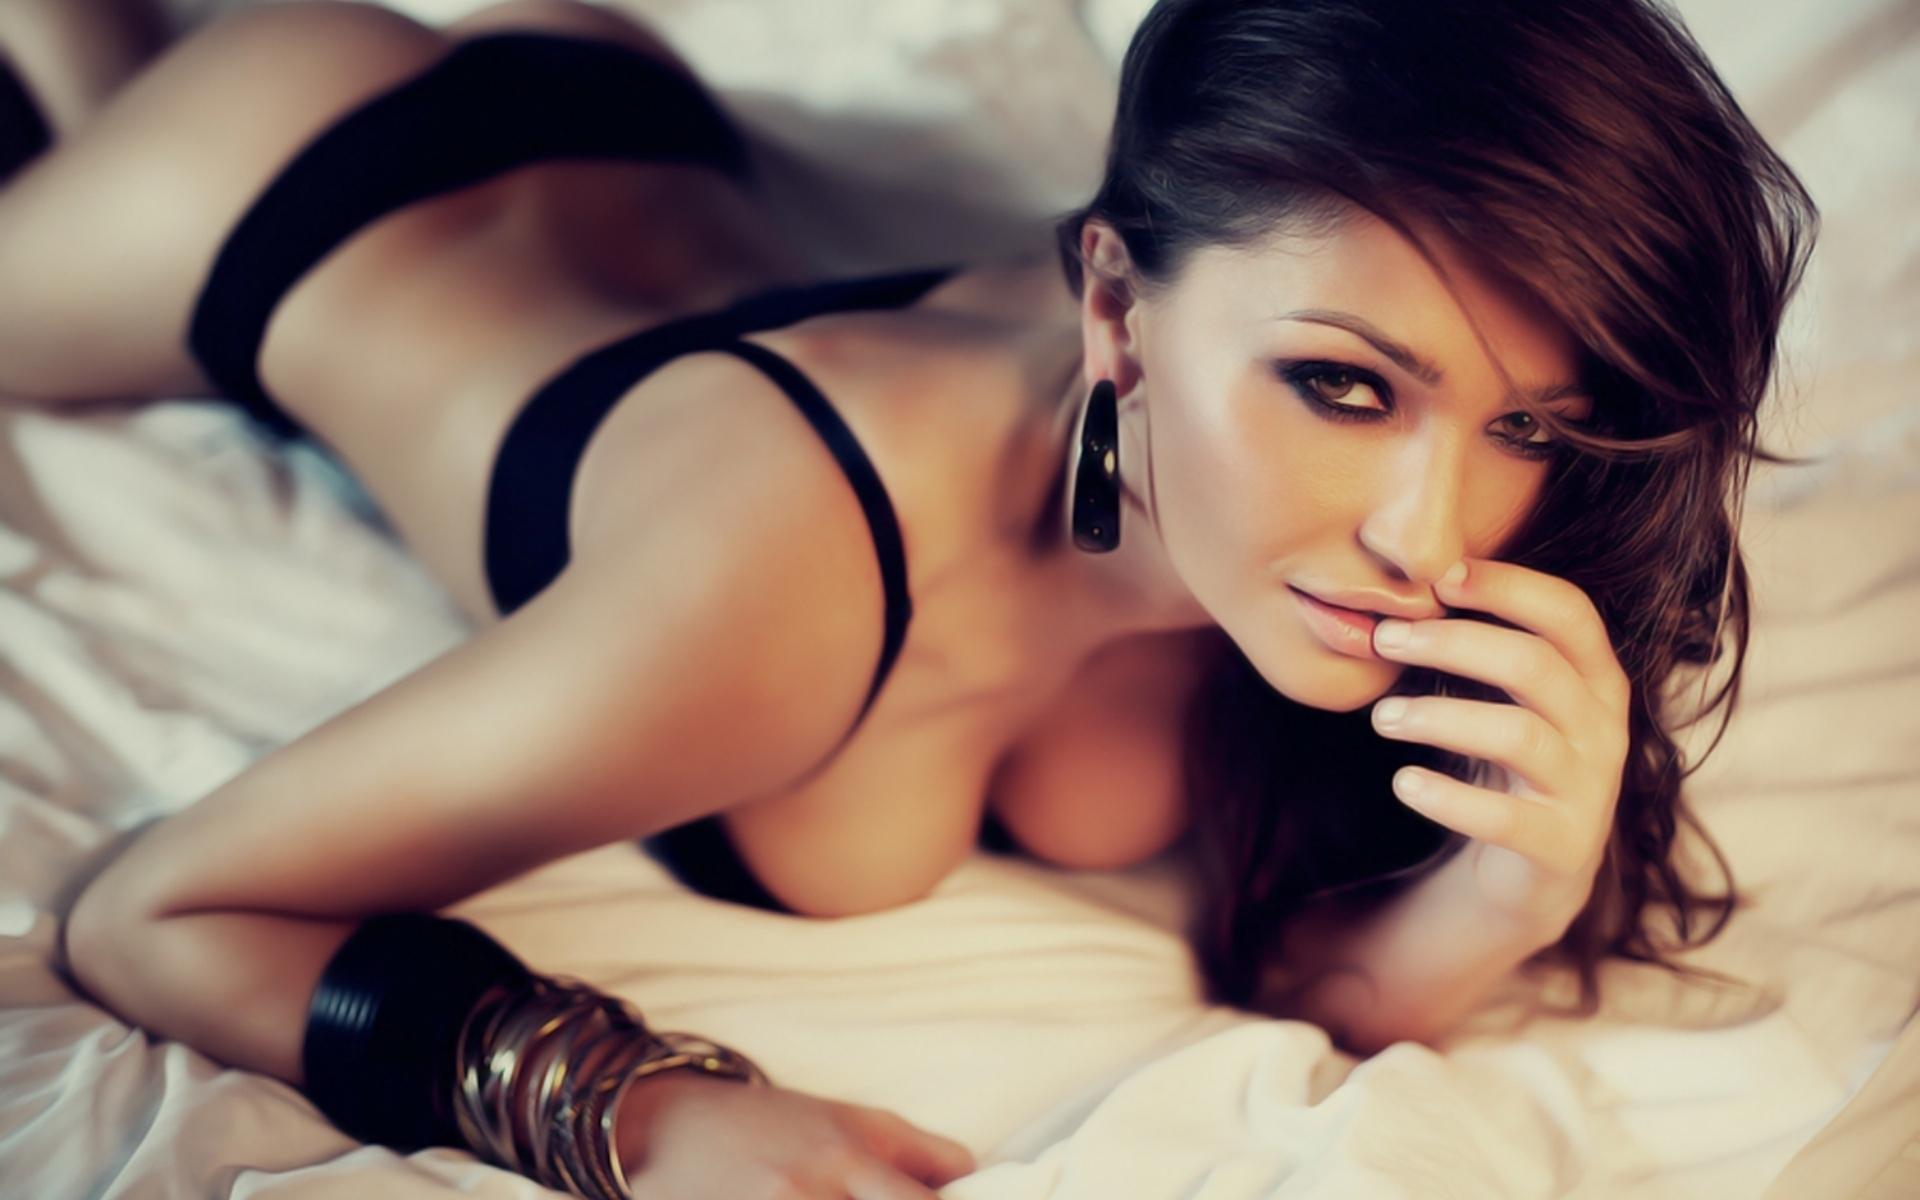 видео красивых девушек приваты довольна